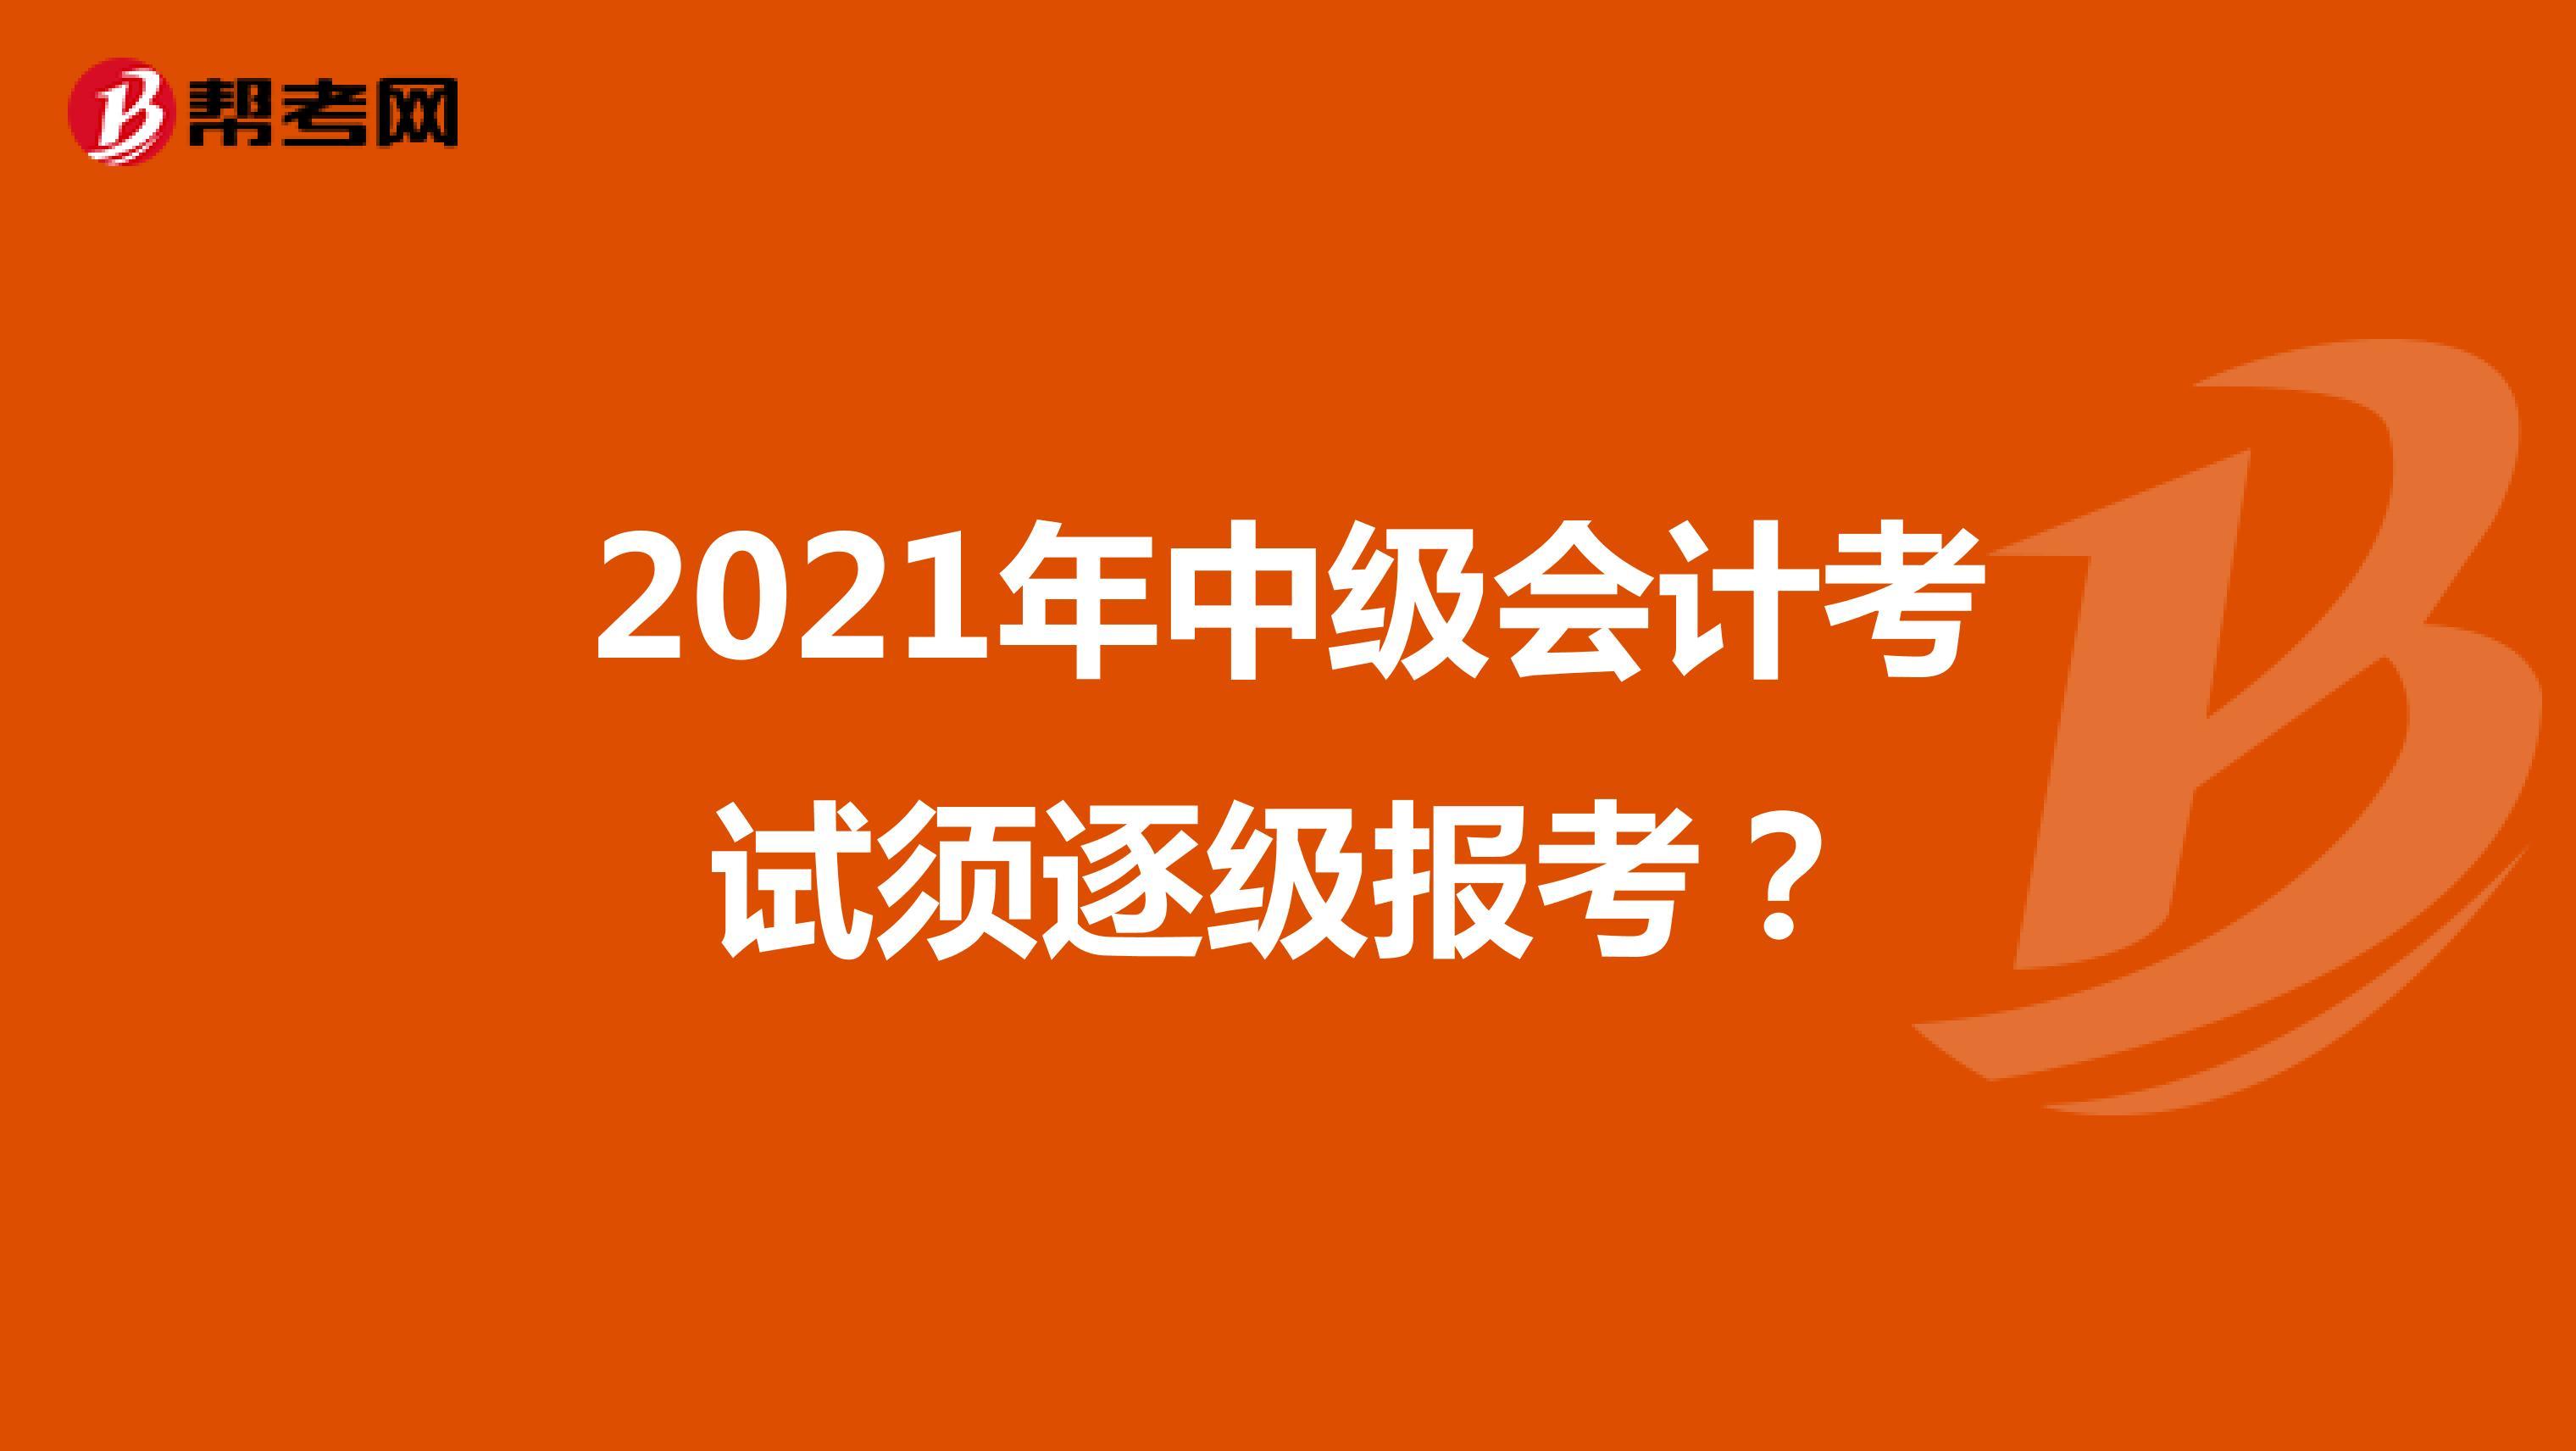 2021年中級會計考試須逐級報考?